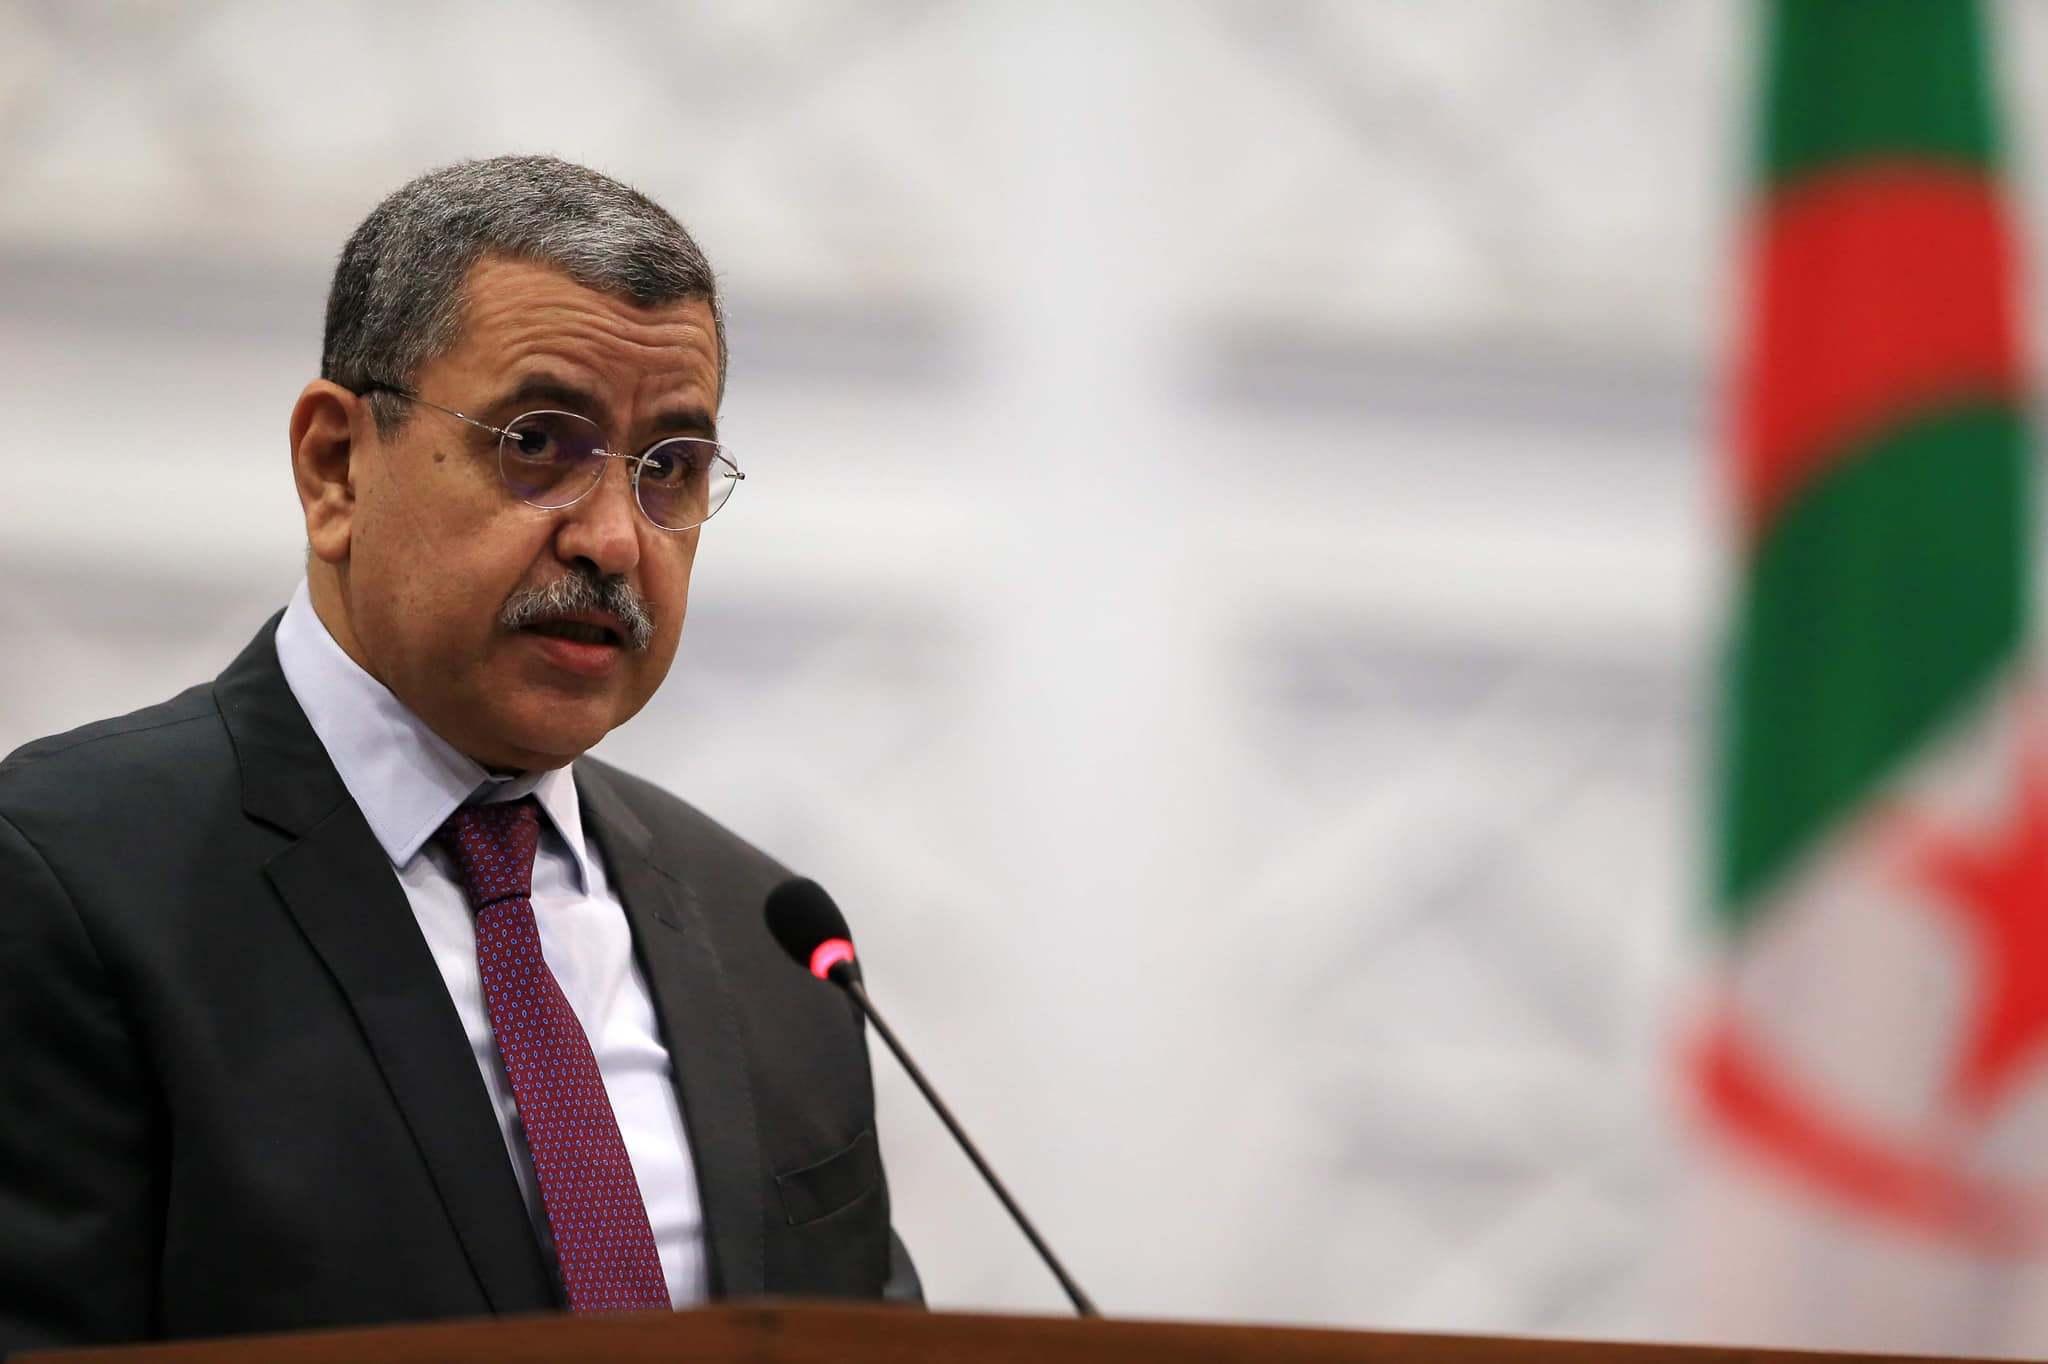 Le Premier ministre, inaugure l'accélérateur de startups « Algeria Venture » - Algérie